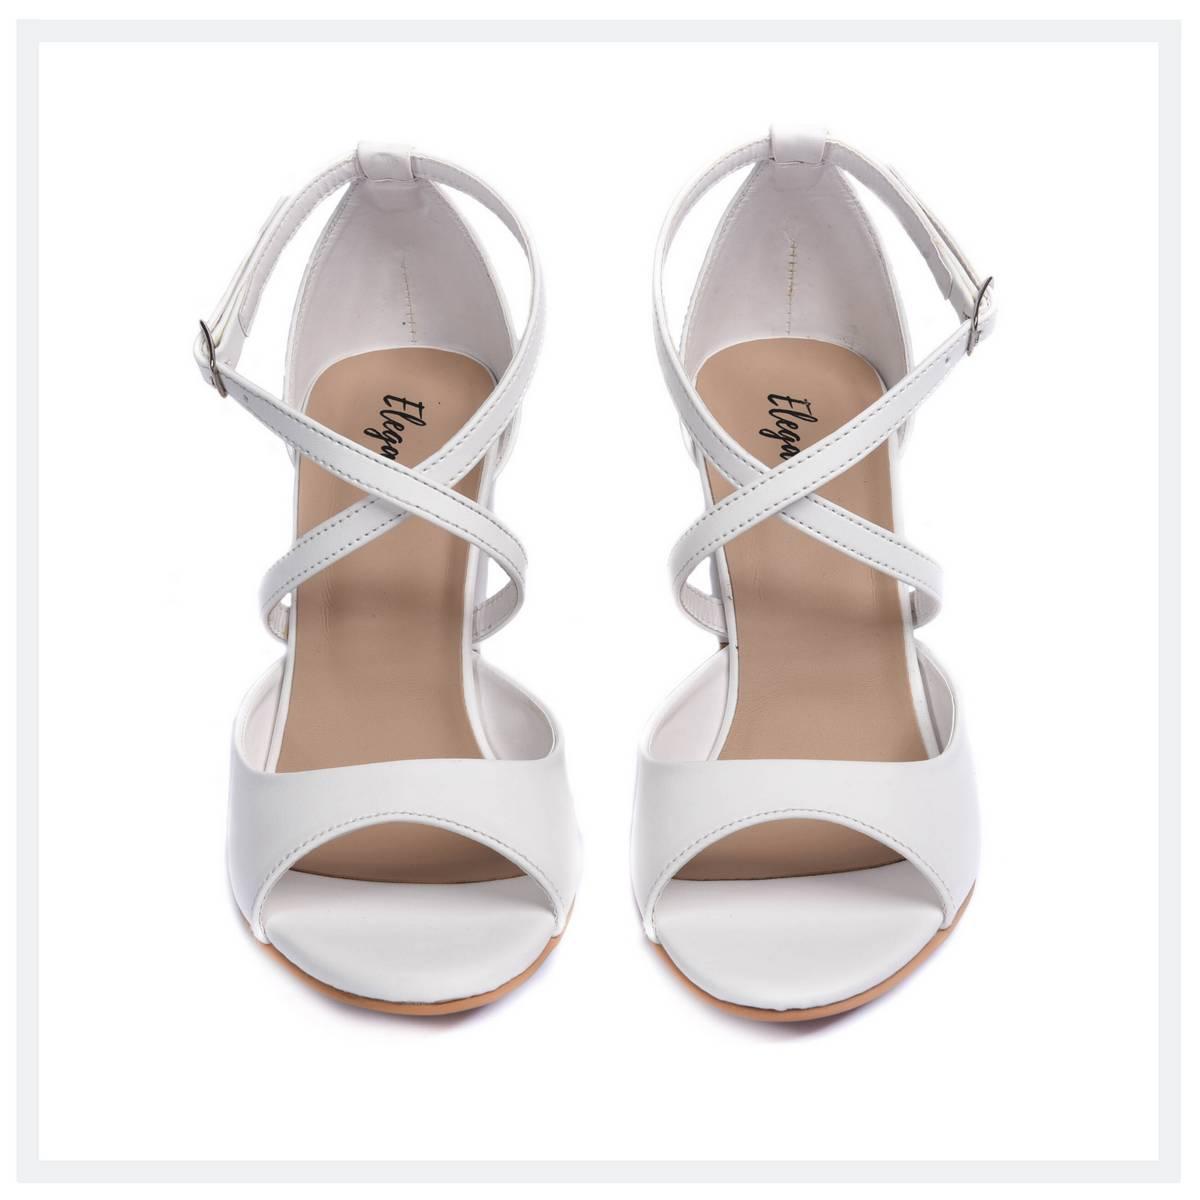 ISABELLA  Women's High Heel Sandals  White  Elegancia